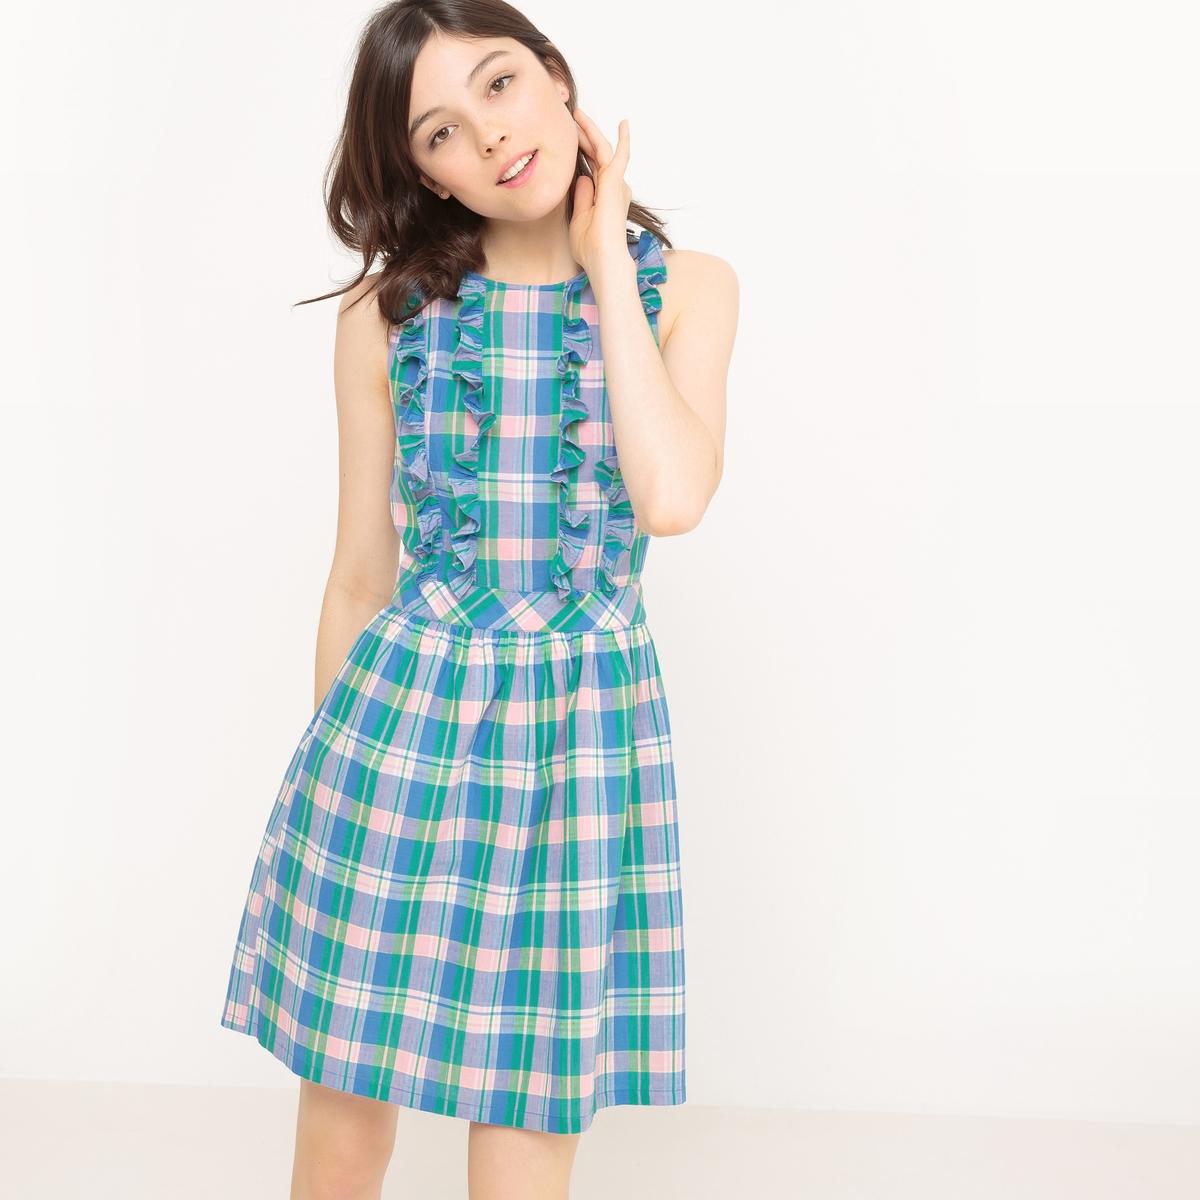 Платье короткое без рукавов, в клетку